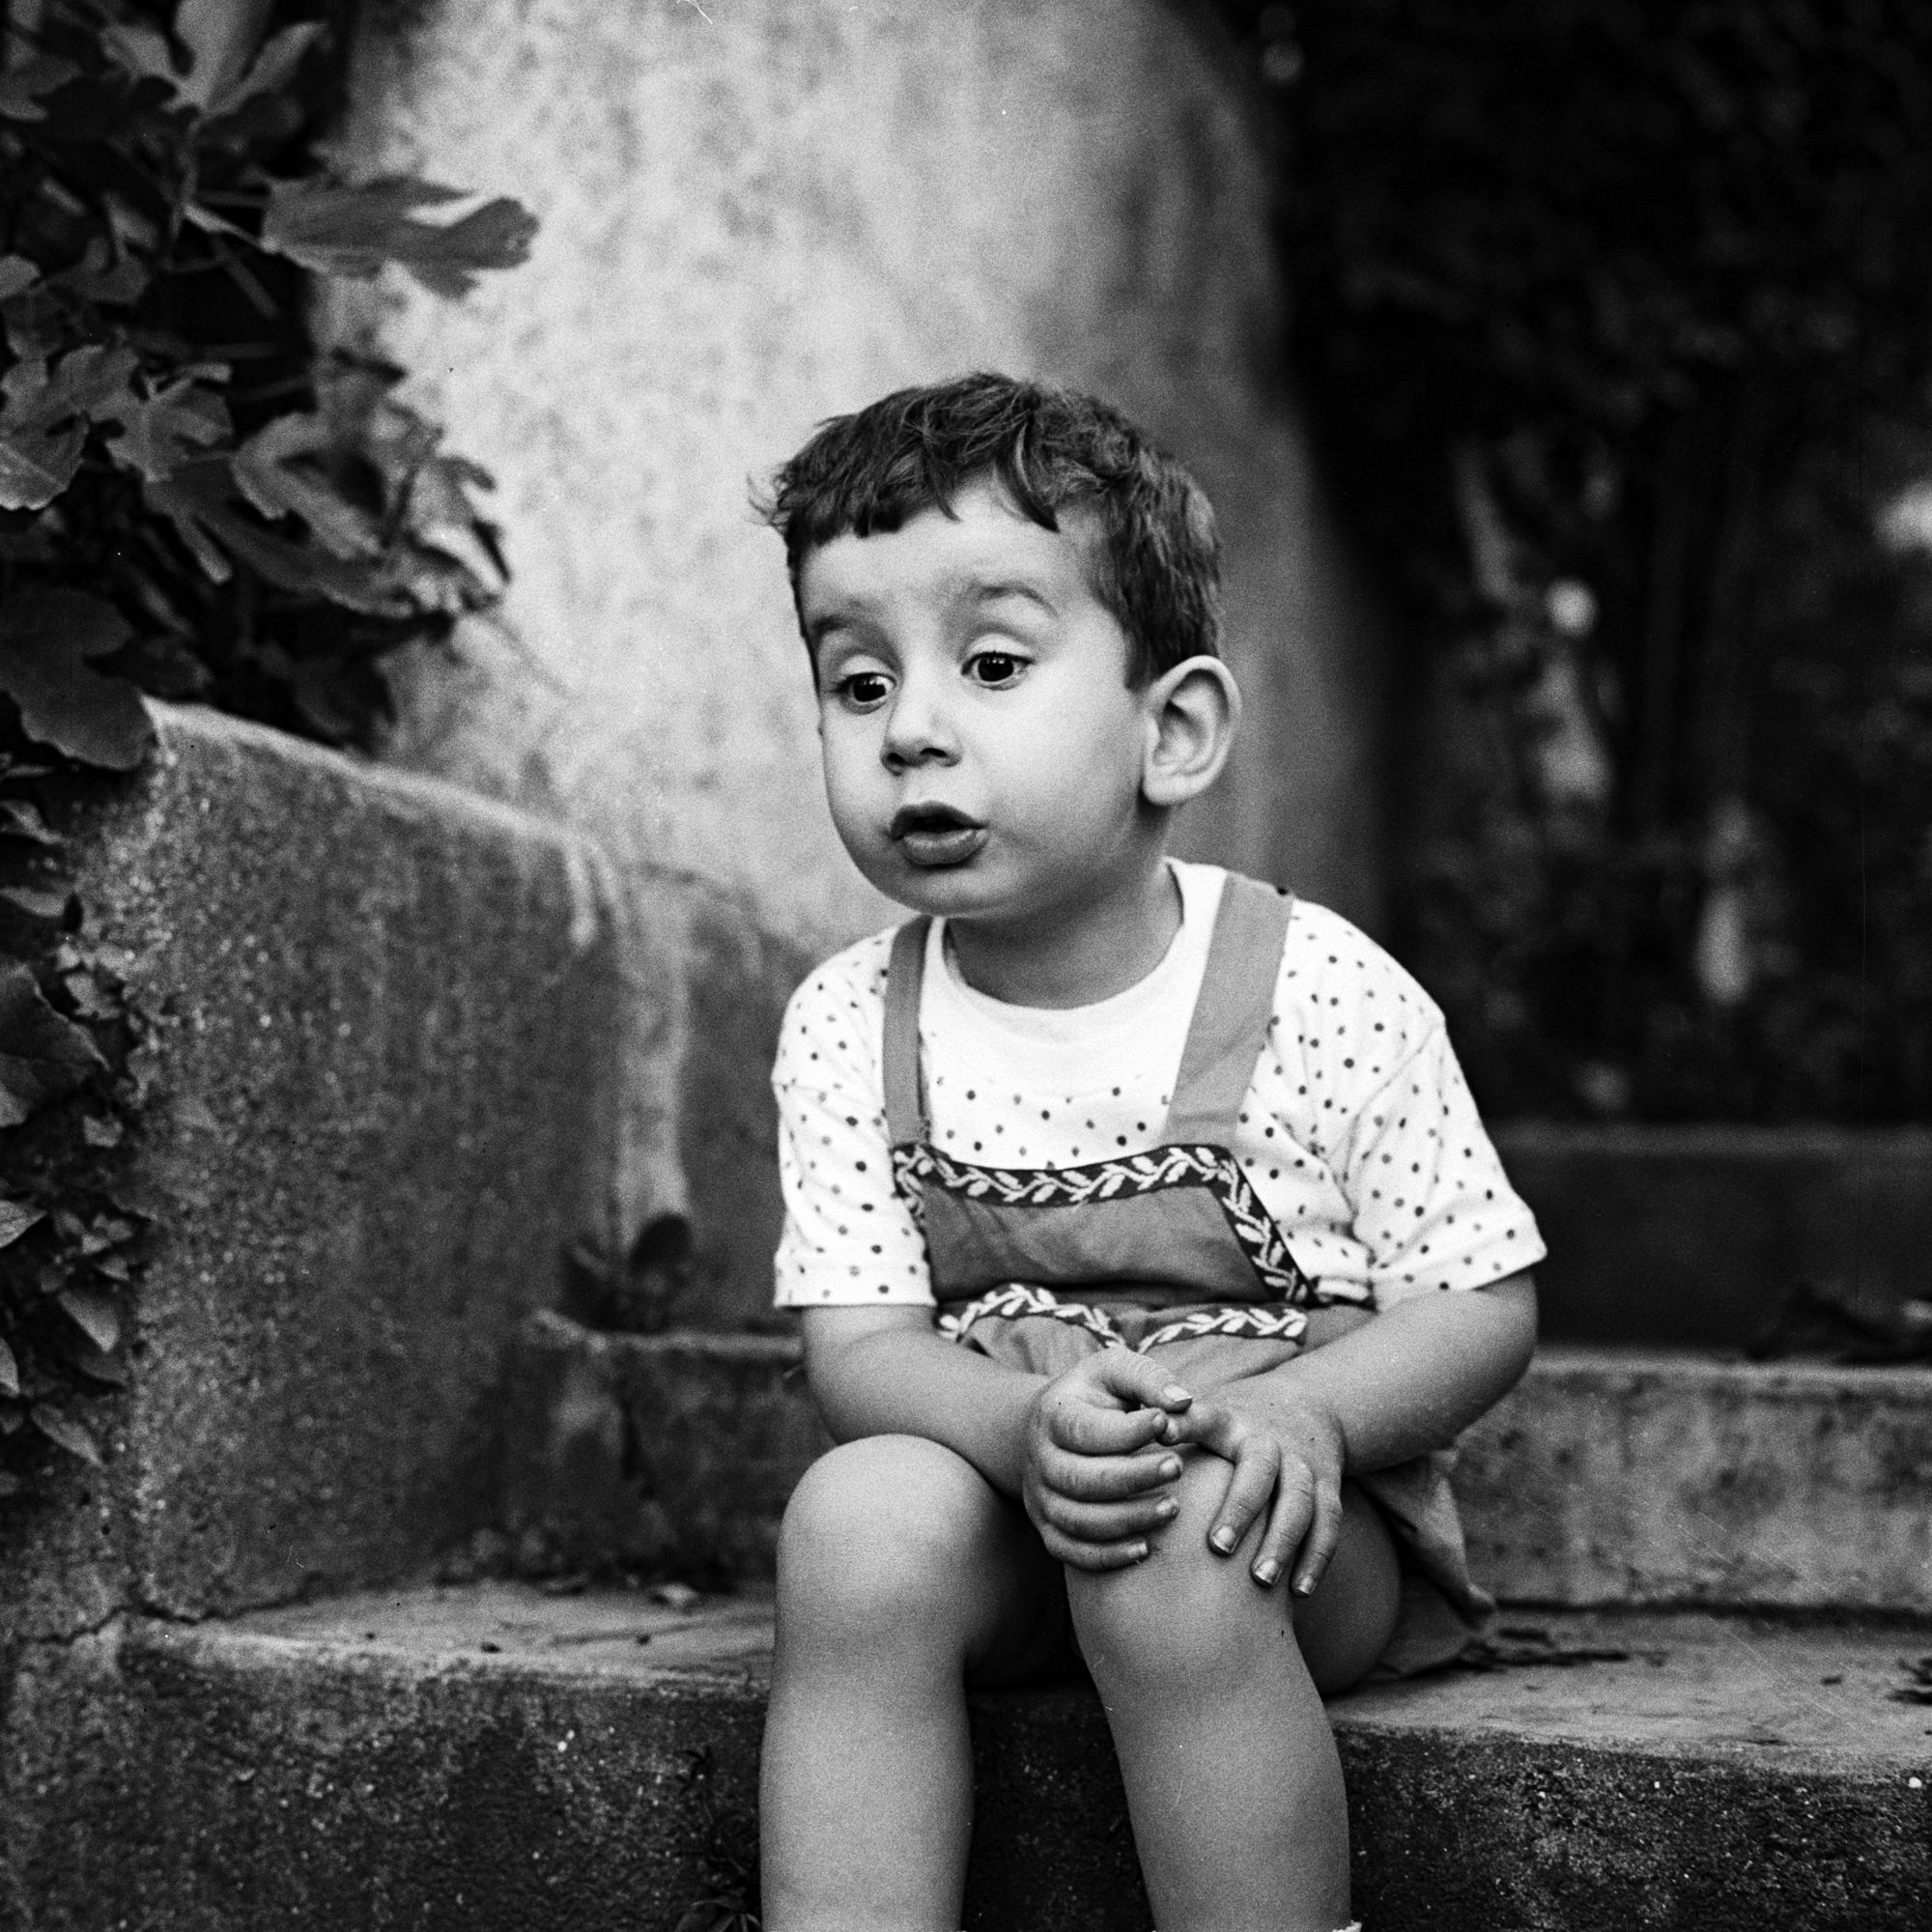 OSMAN IPSIROGLU, 1959